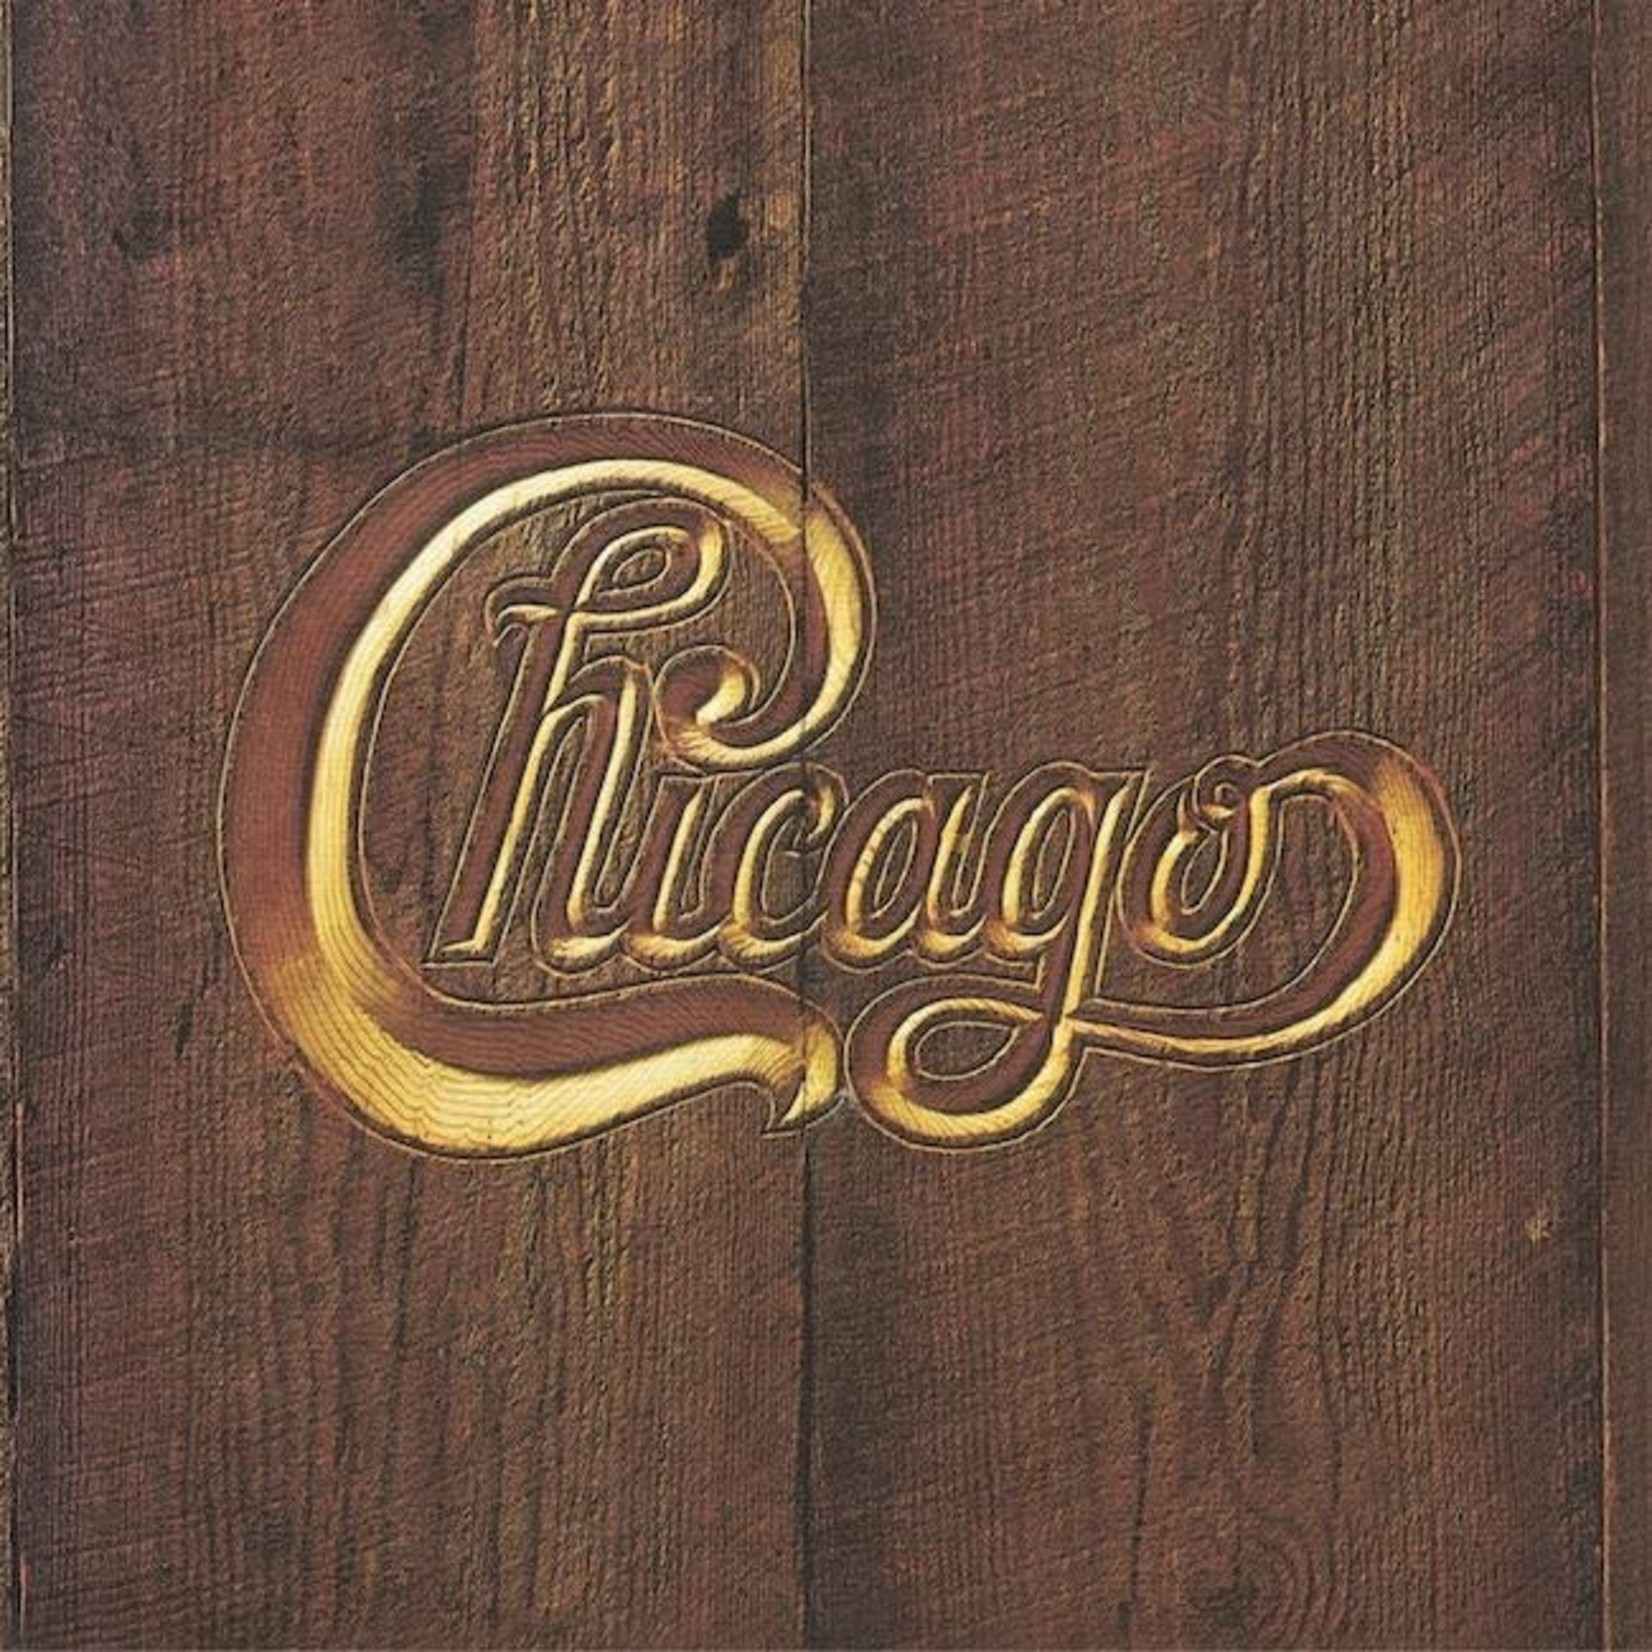 [Vintage] Chicago: V